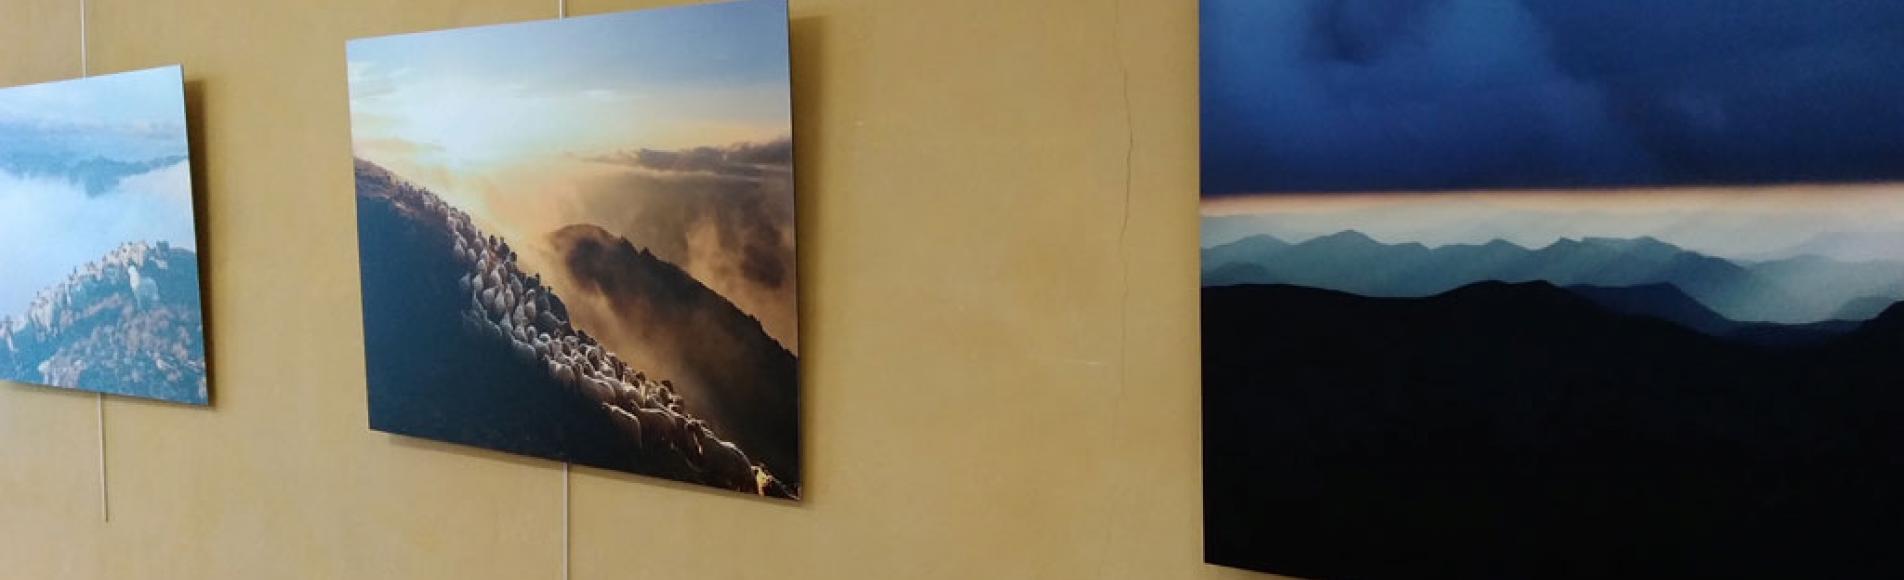 Exposition photos Eric vallée, ambiances en alpage - 2020 - Maison du Parc national des Écrins  Embrunais - ©